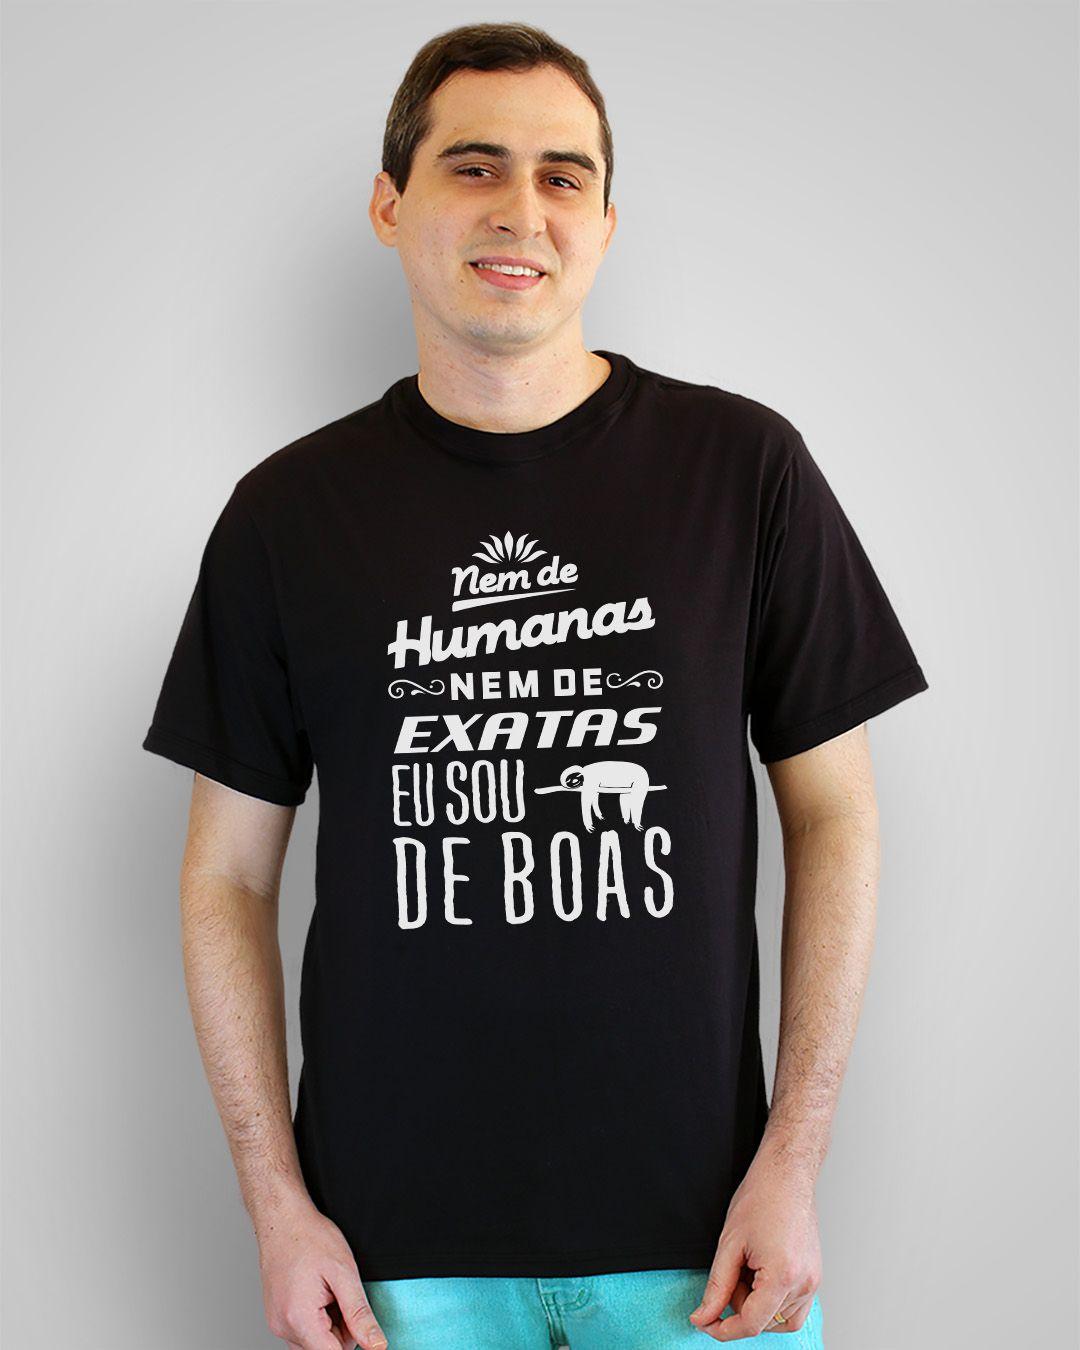 Camiseta Nem de humanas, nem de exatas, eu sou de boas